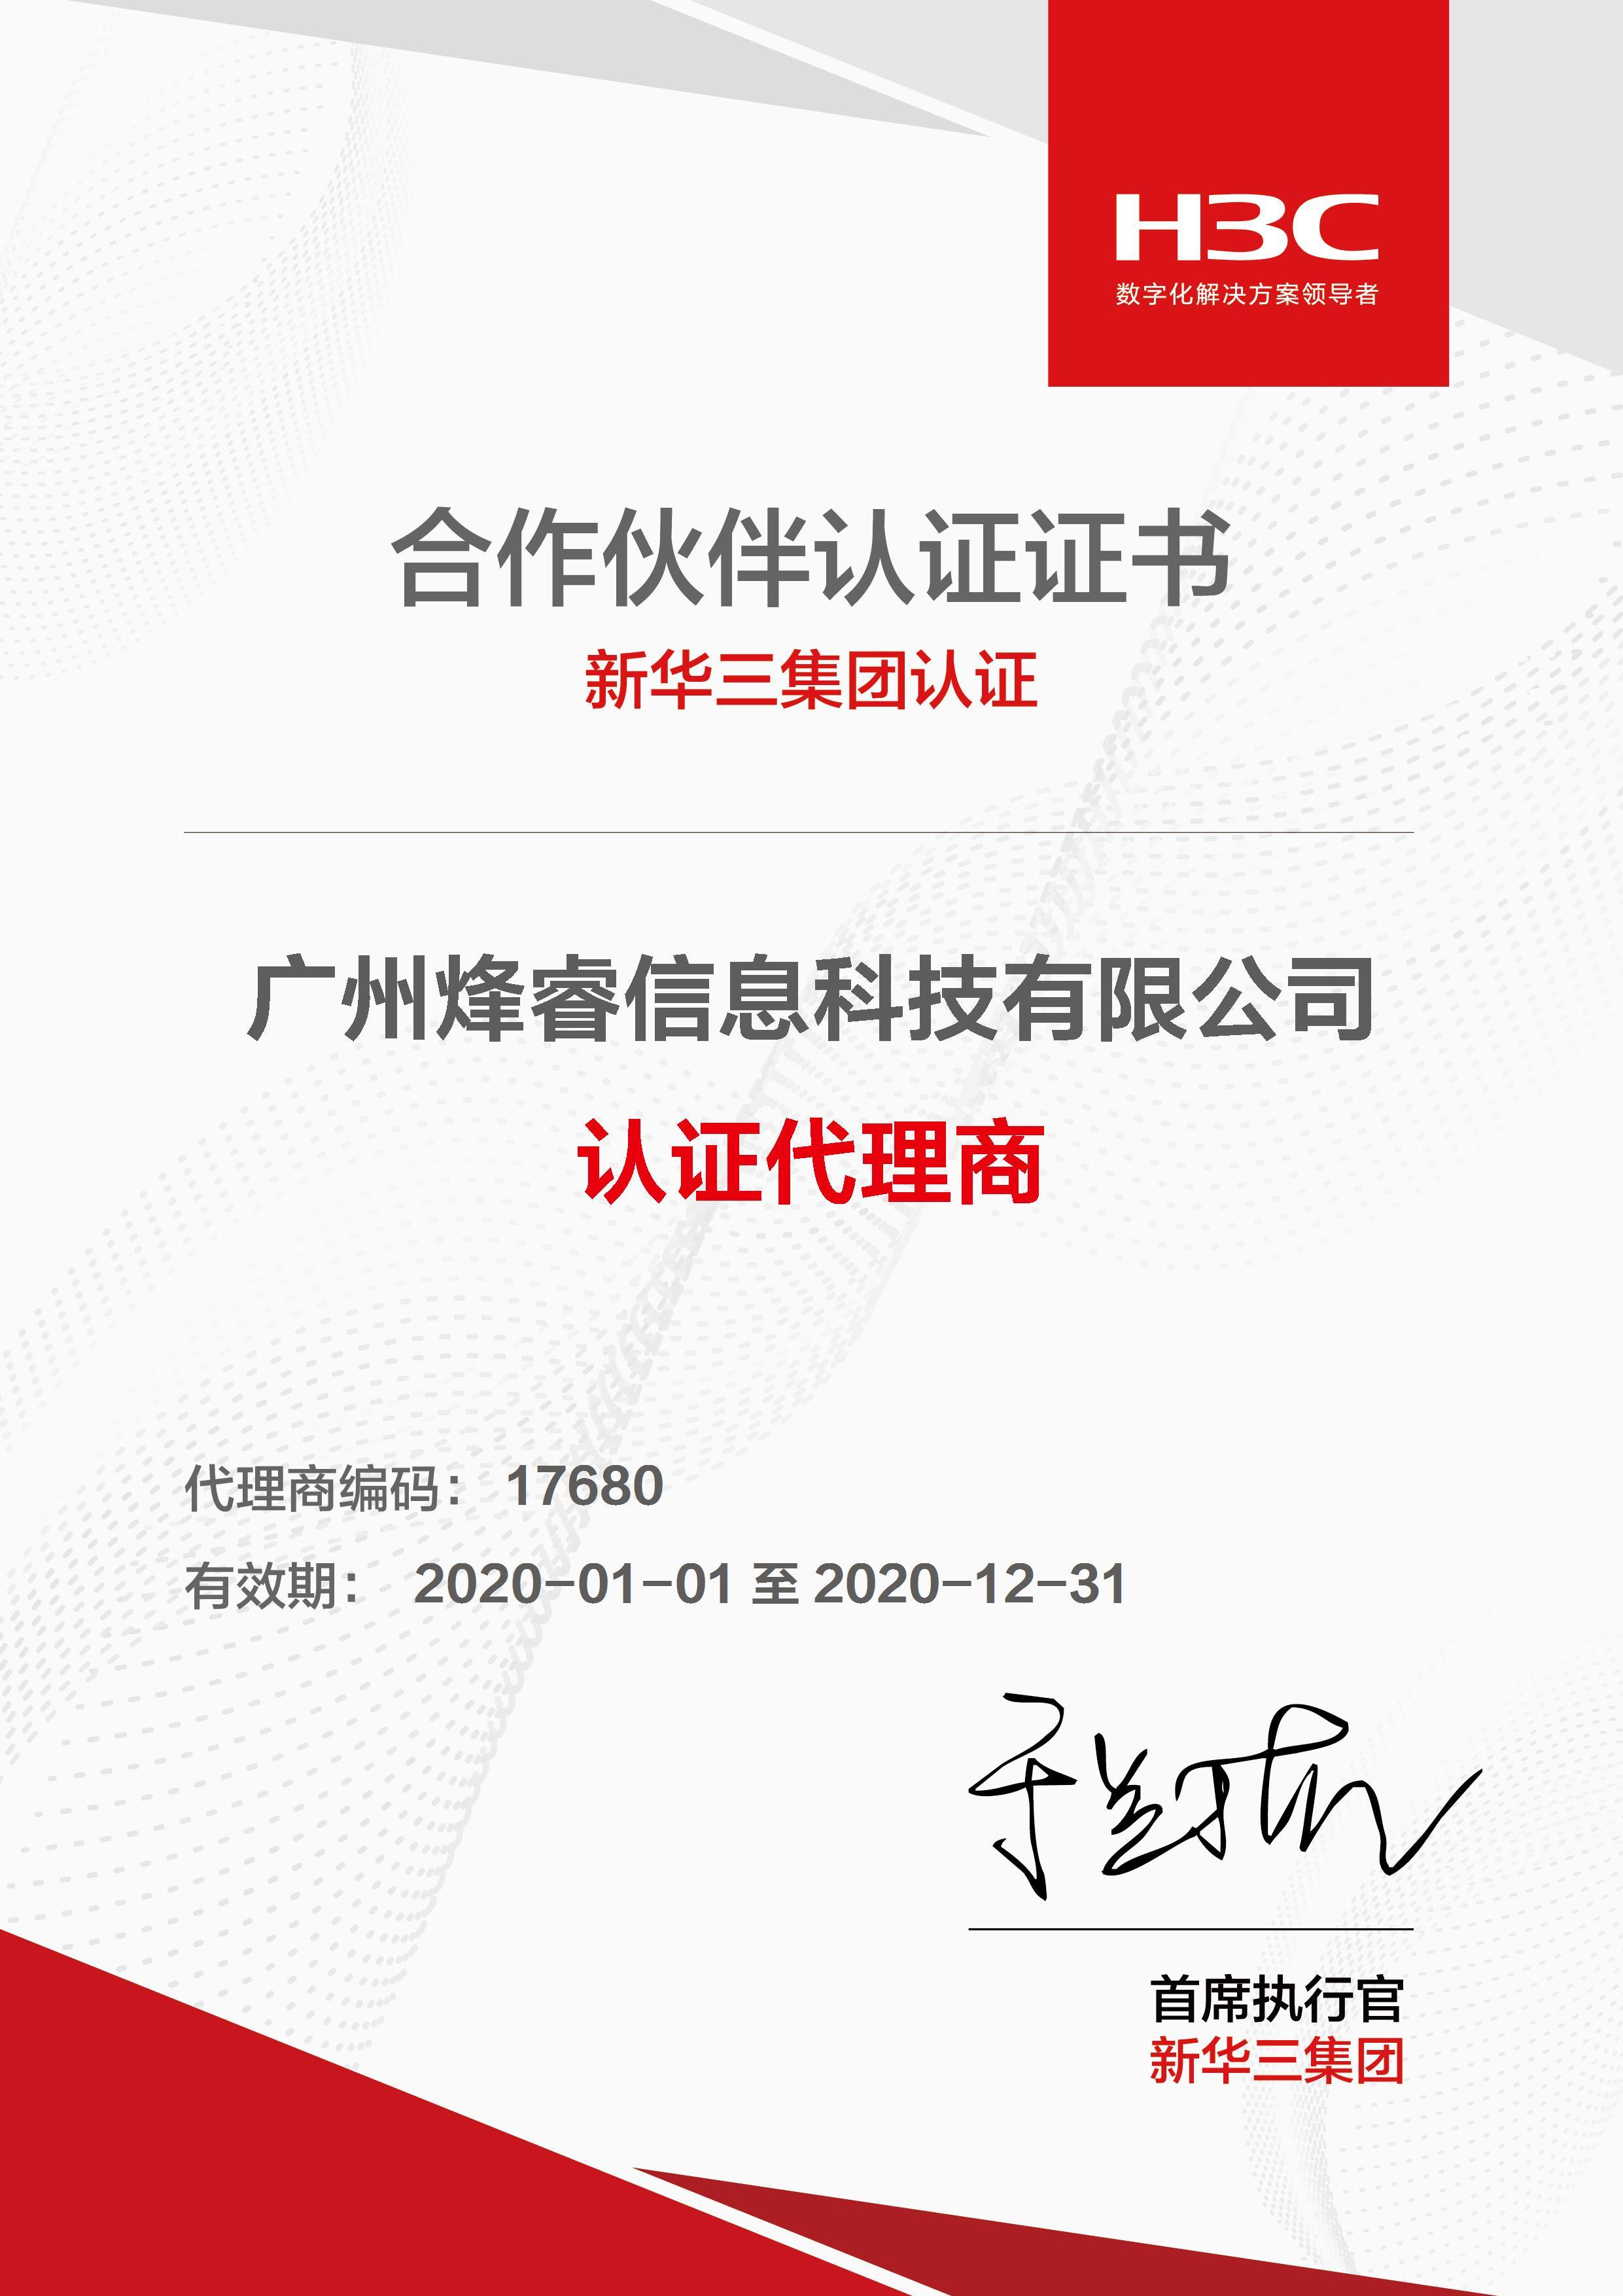 华三代理证书